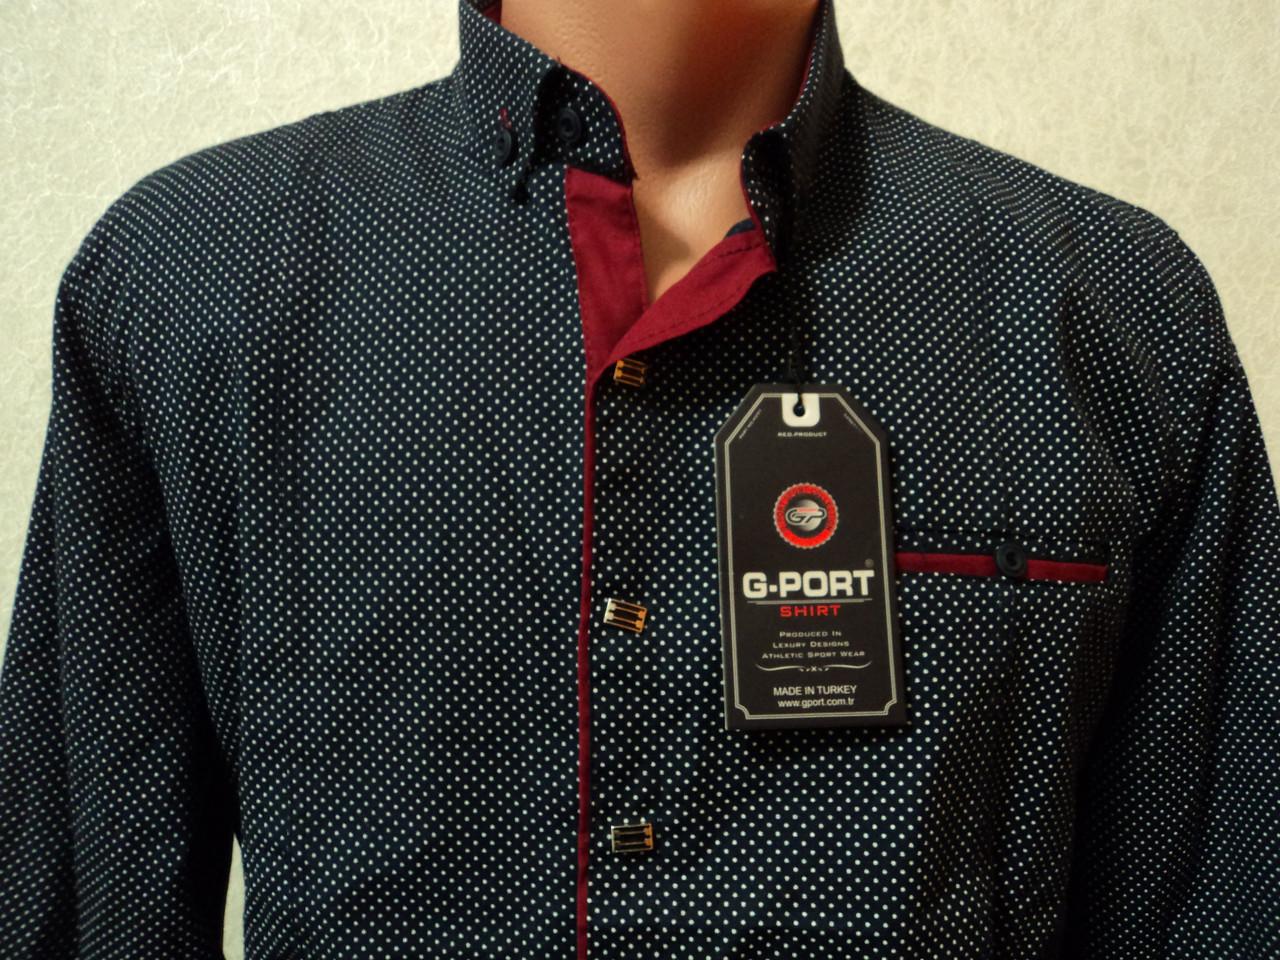 cbef0de80c3dec3 Стильная мужская рубашка от турецкой фирмы G-PORT: продажа, цена в ...